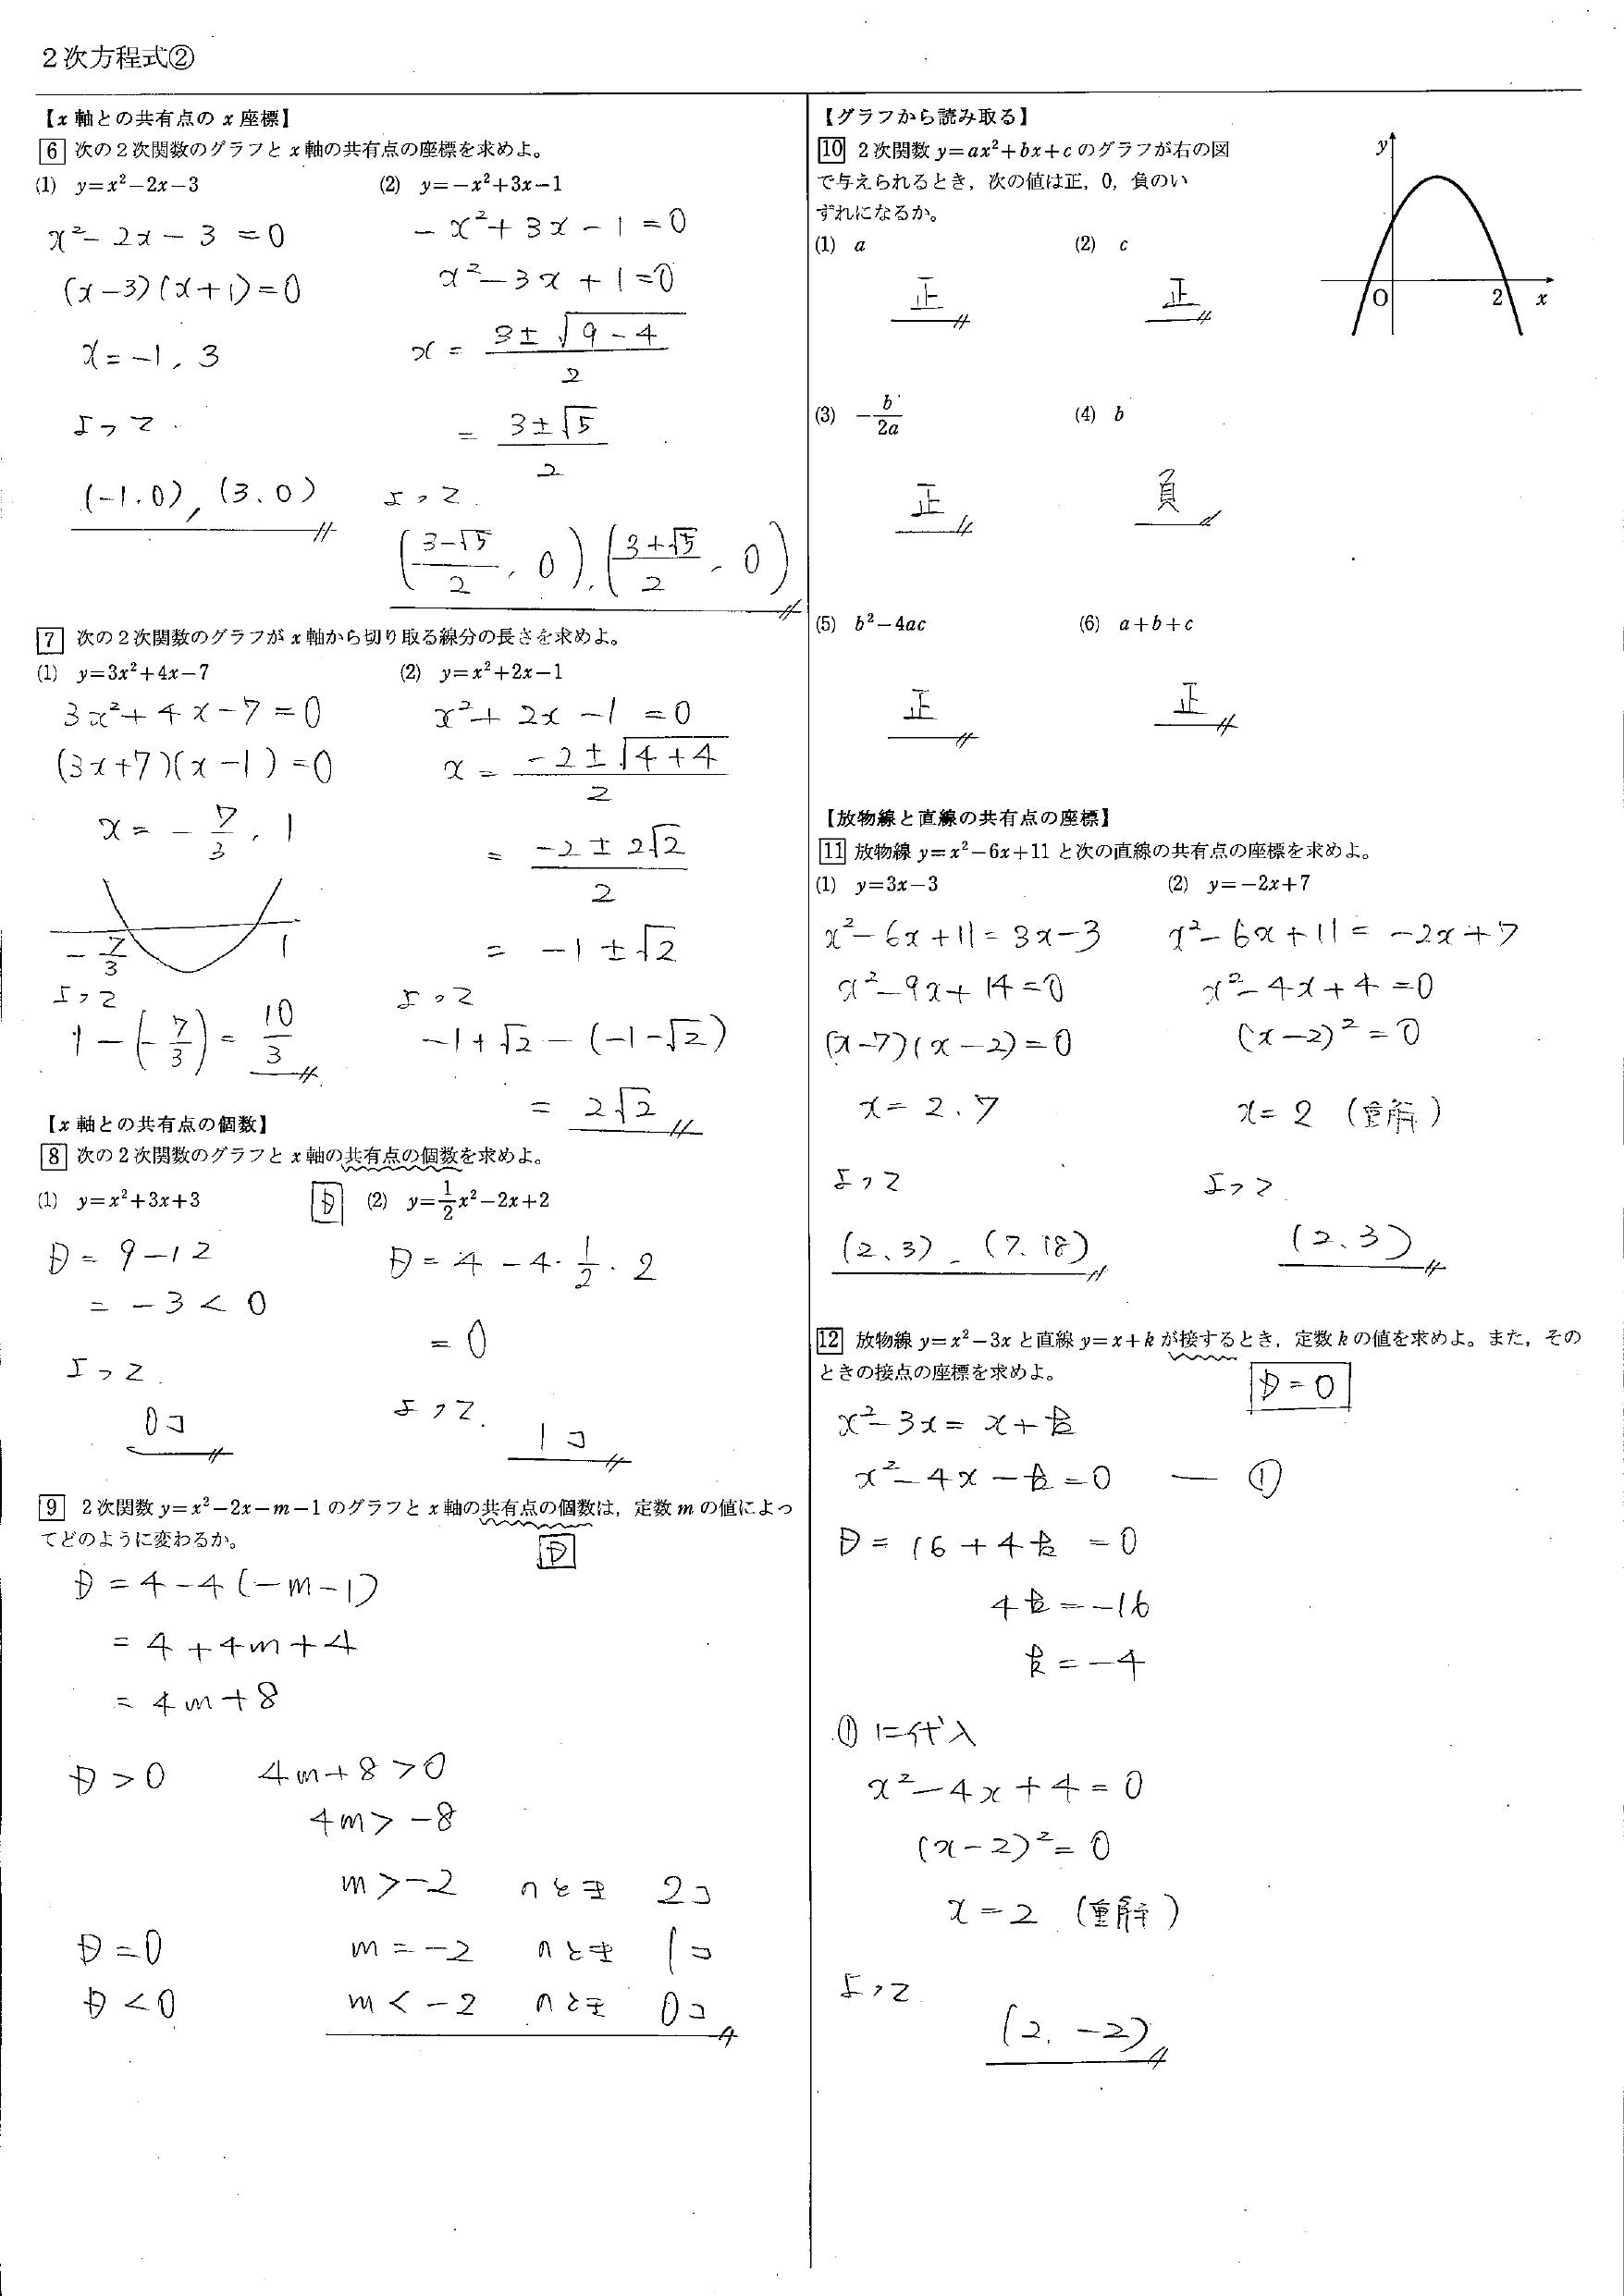 2次方程式 教科書 まとめ 一覧 問題 解答